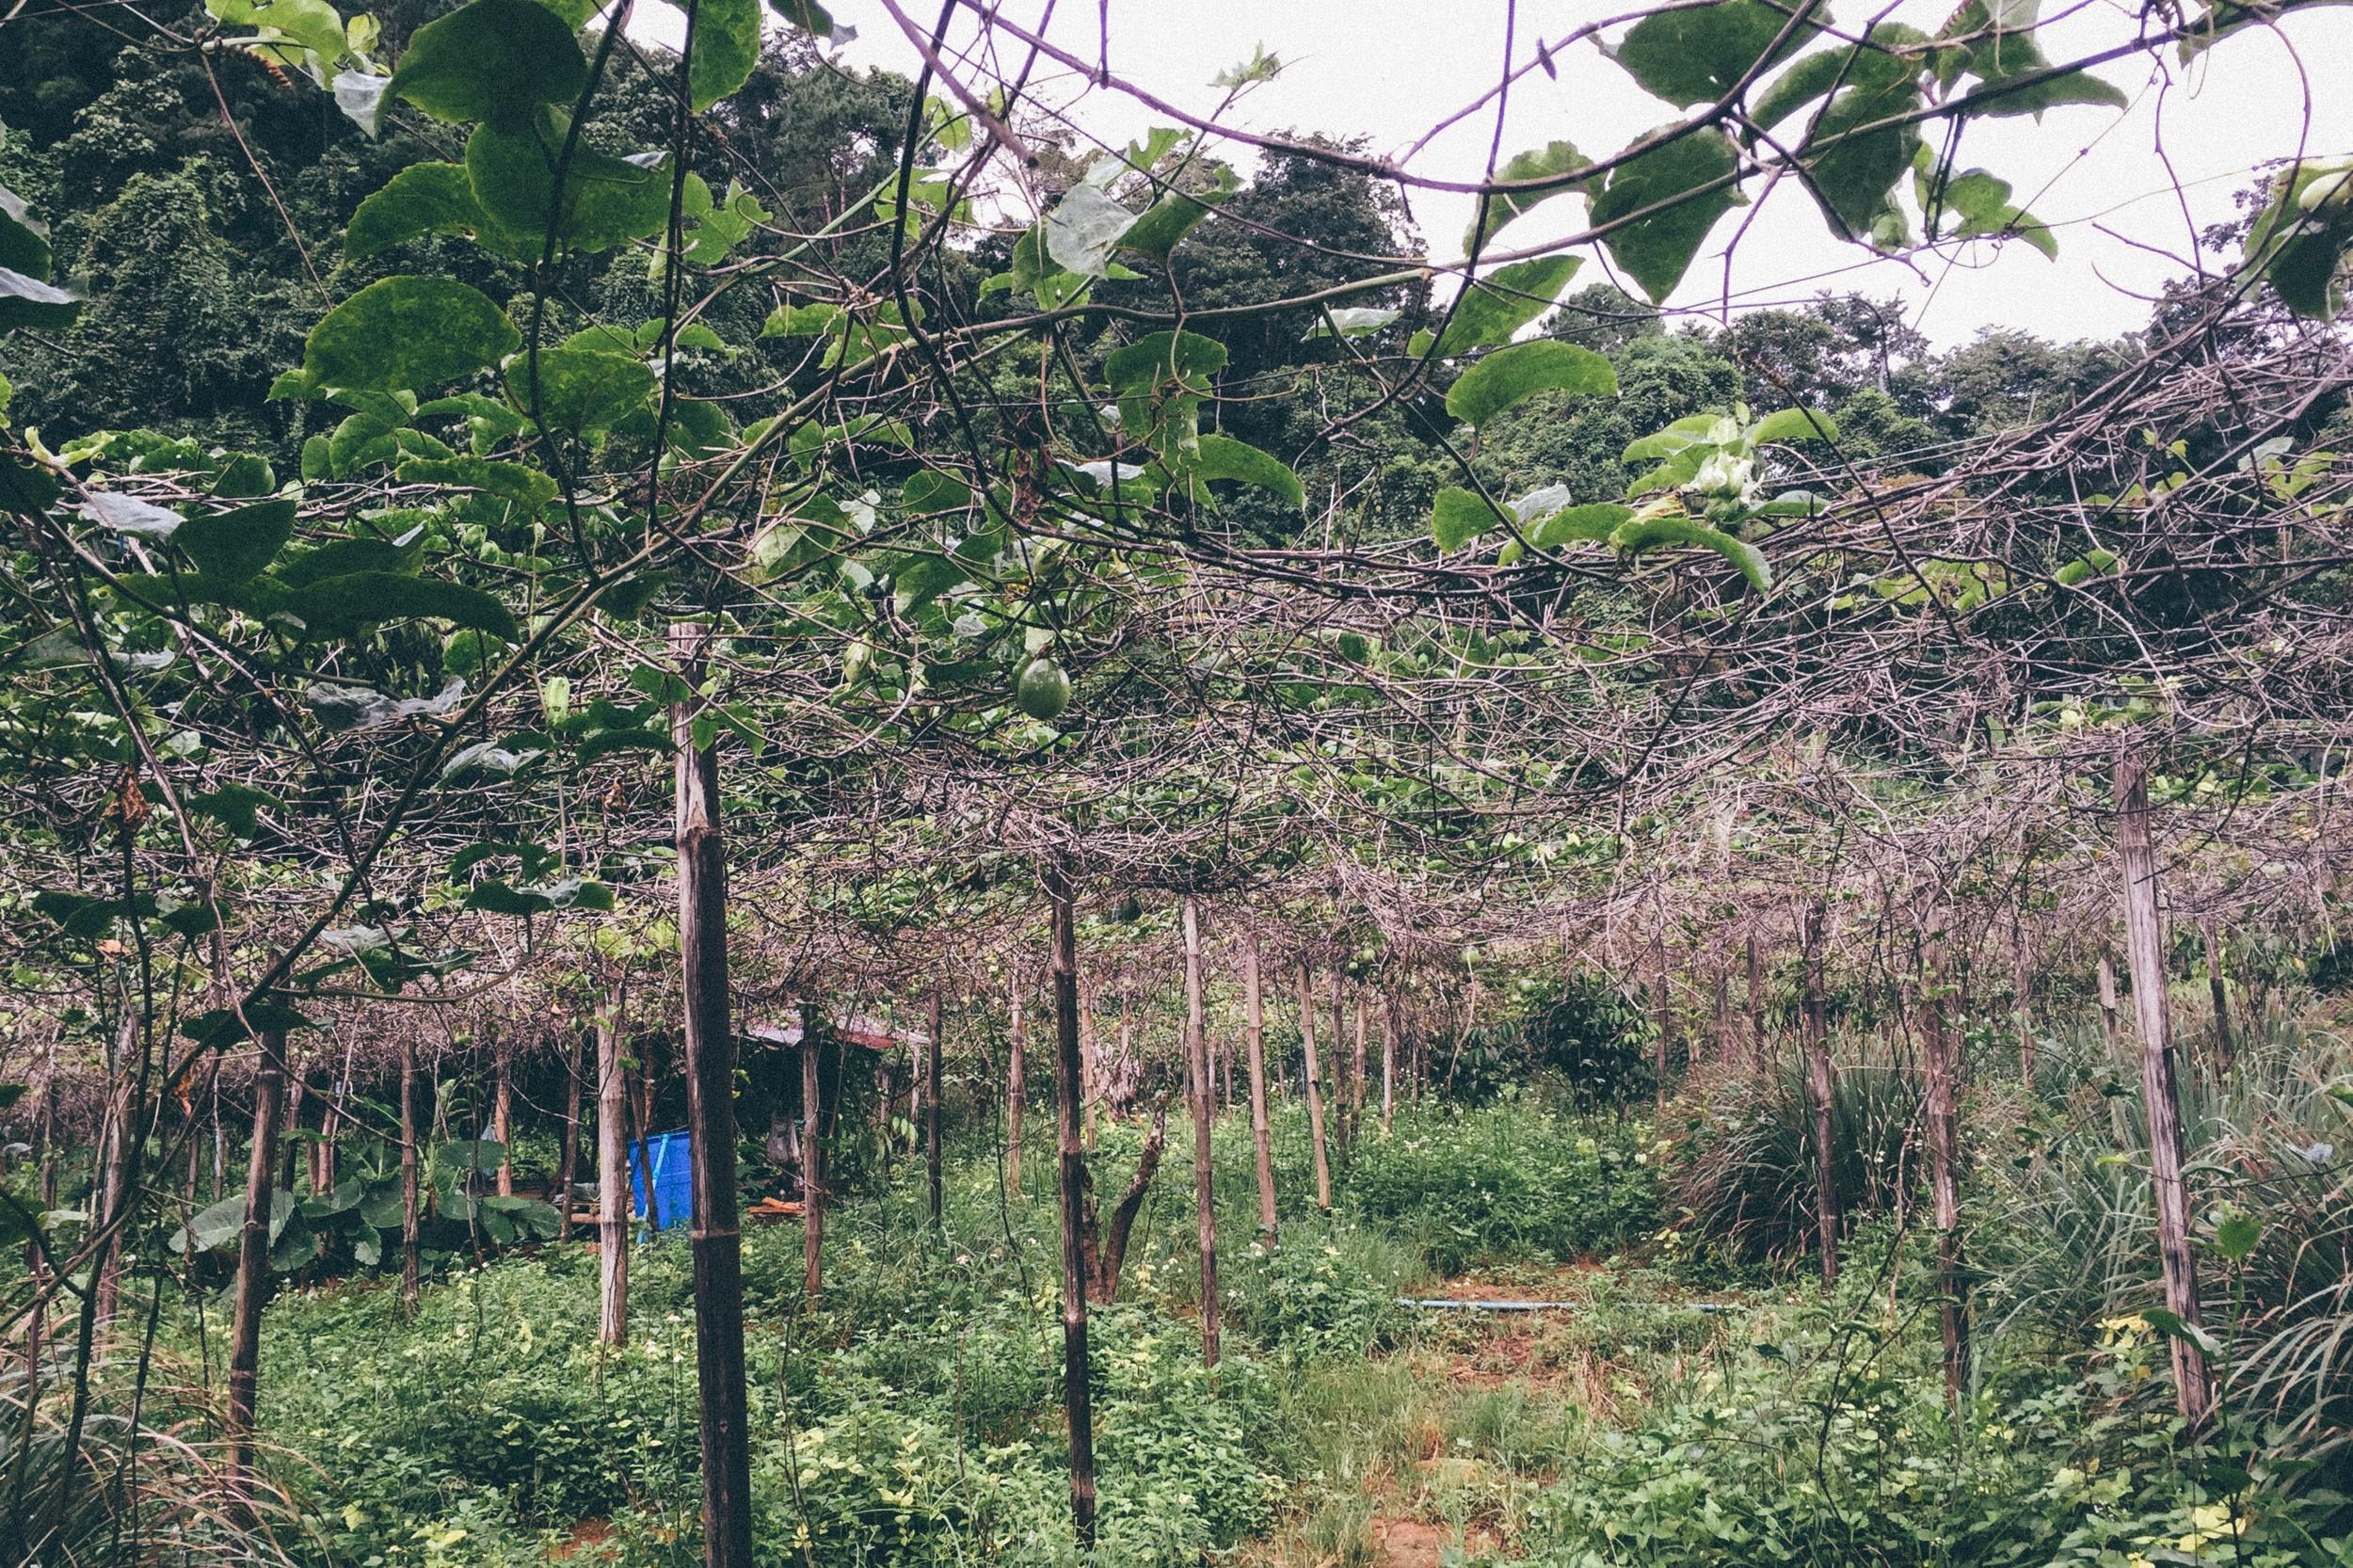 A passionfruit plantation